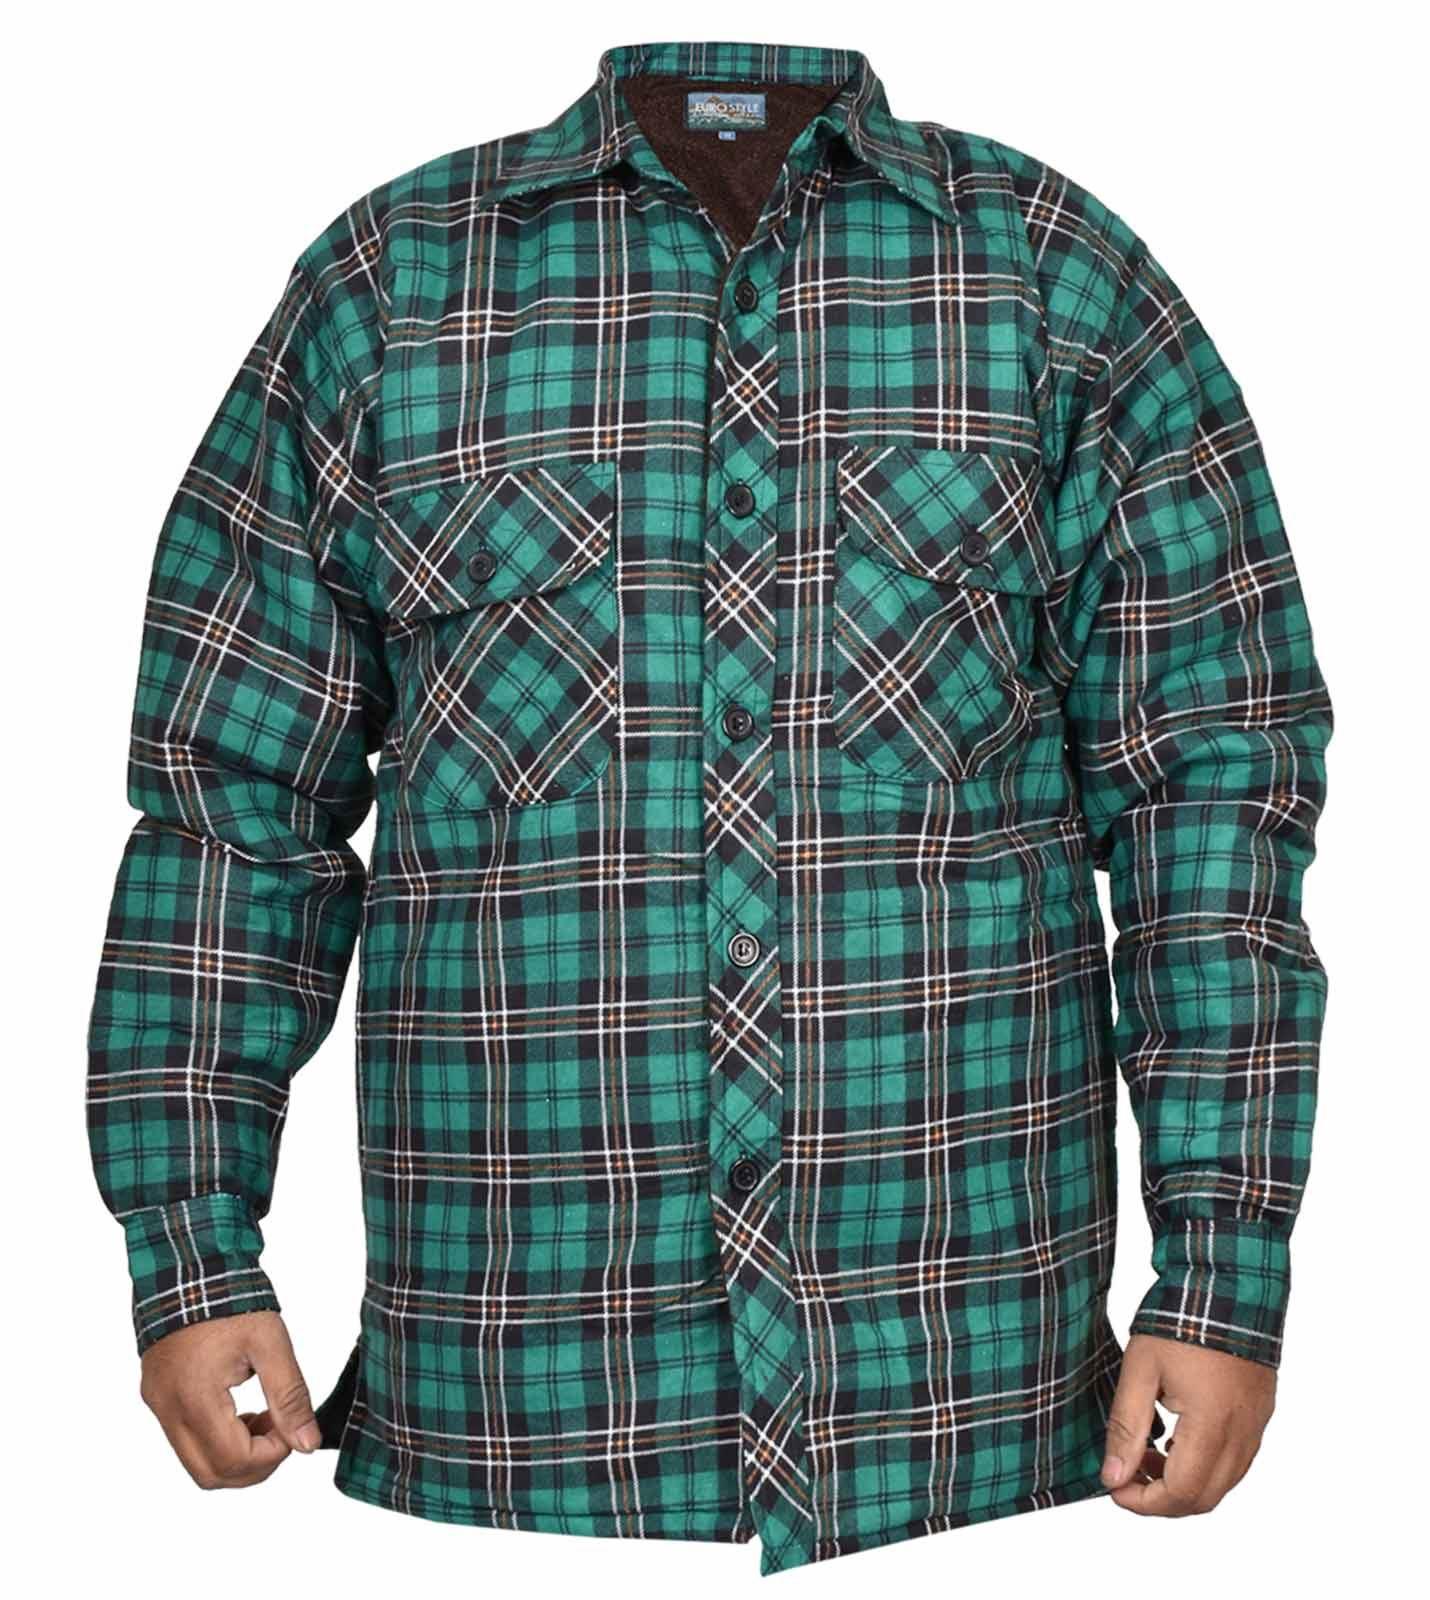 536482d820 Hombre Casual Camisa Cálido Grueso Larga Acolchada Mangas de Leñador Cuadros